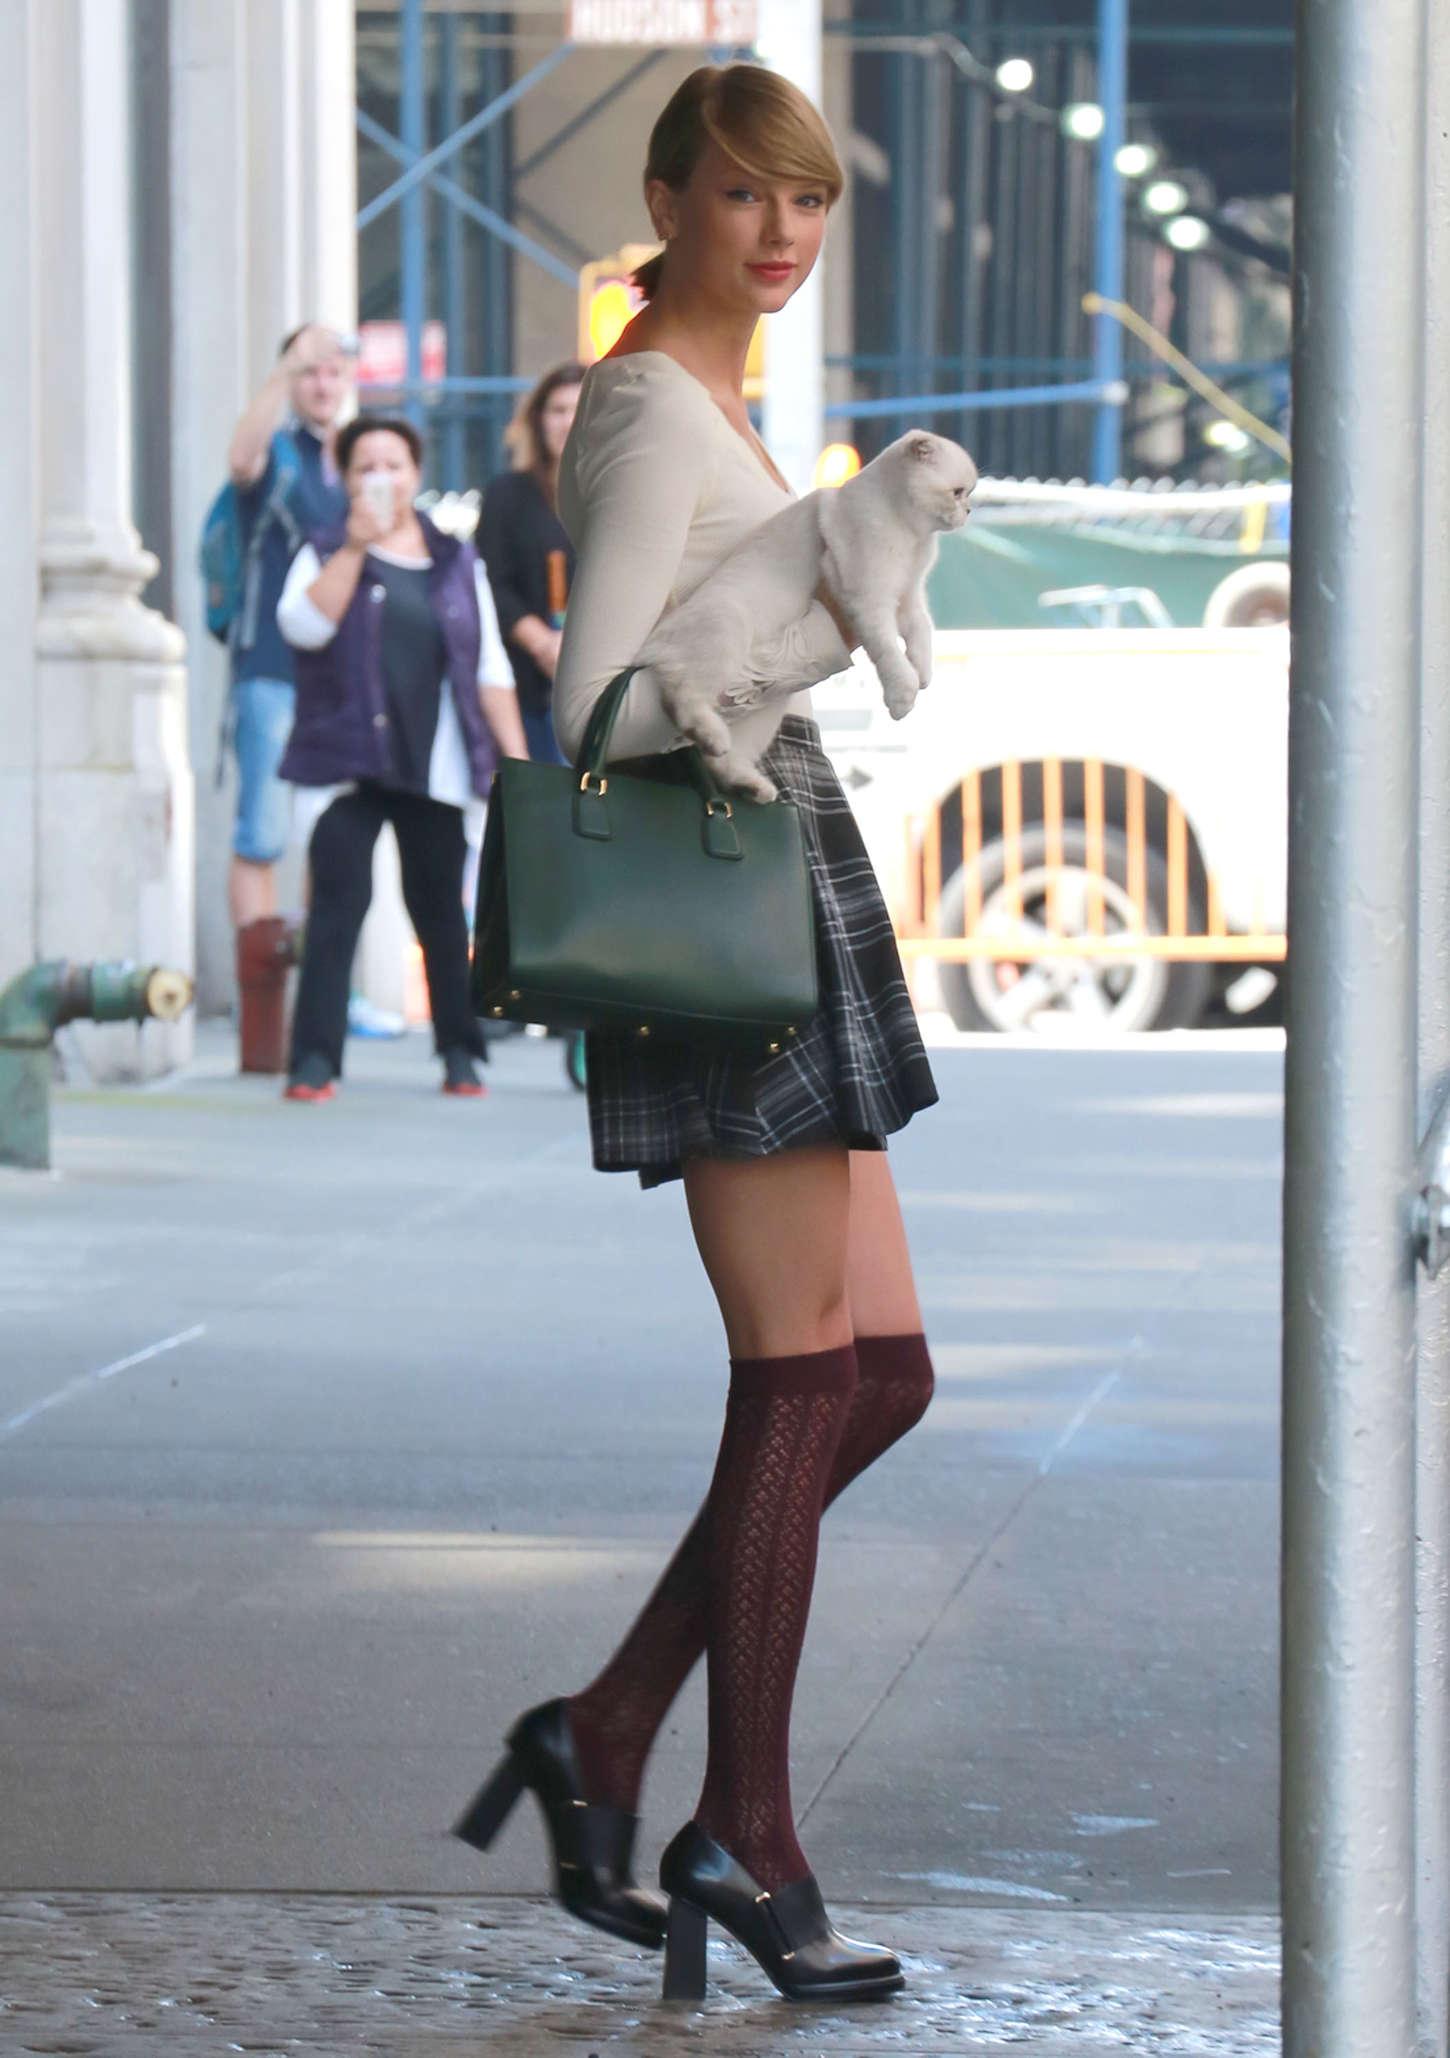 Тейлор свифт под юбкой